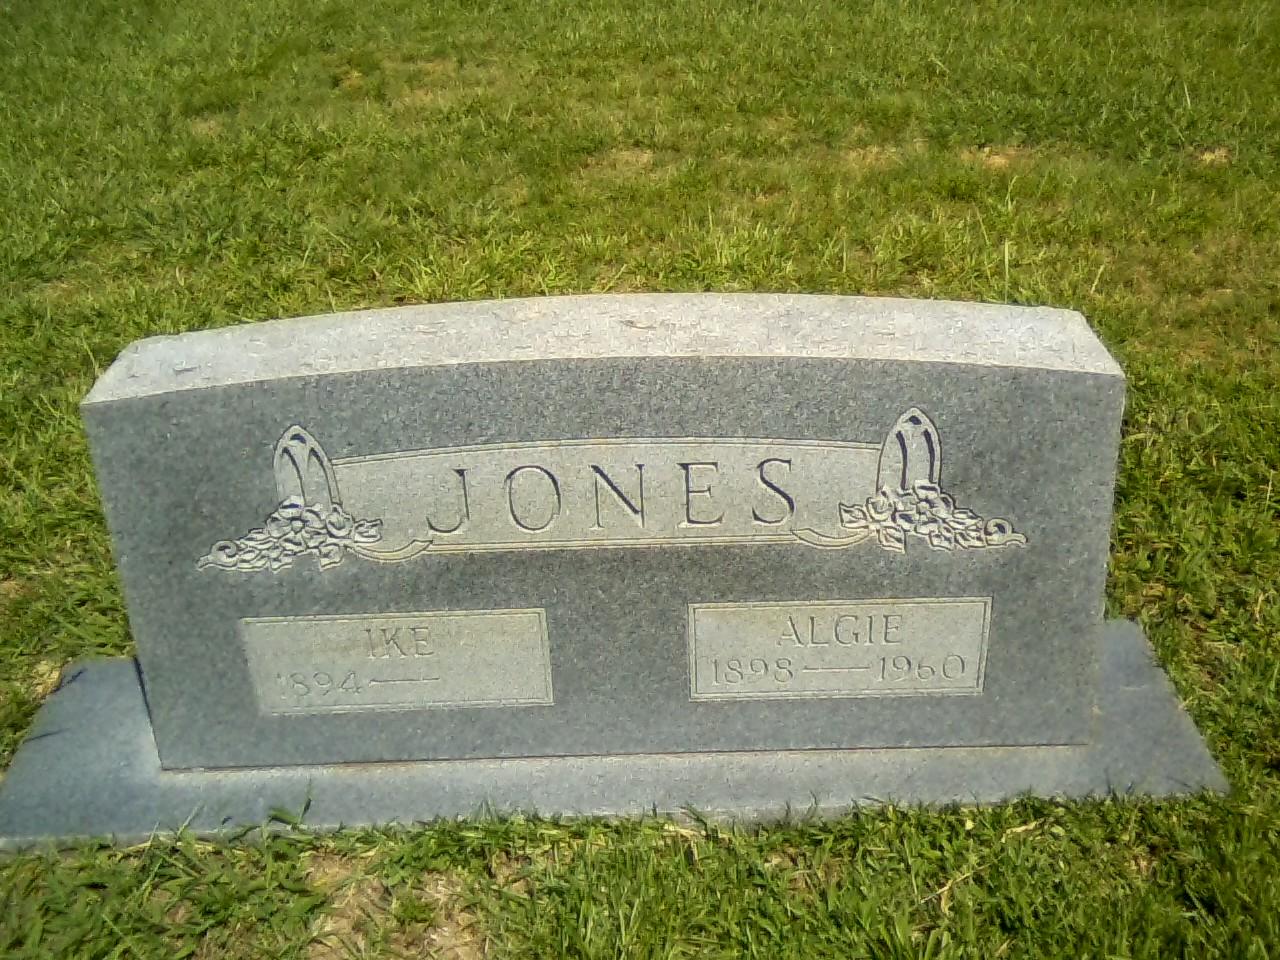 Algie Jones